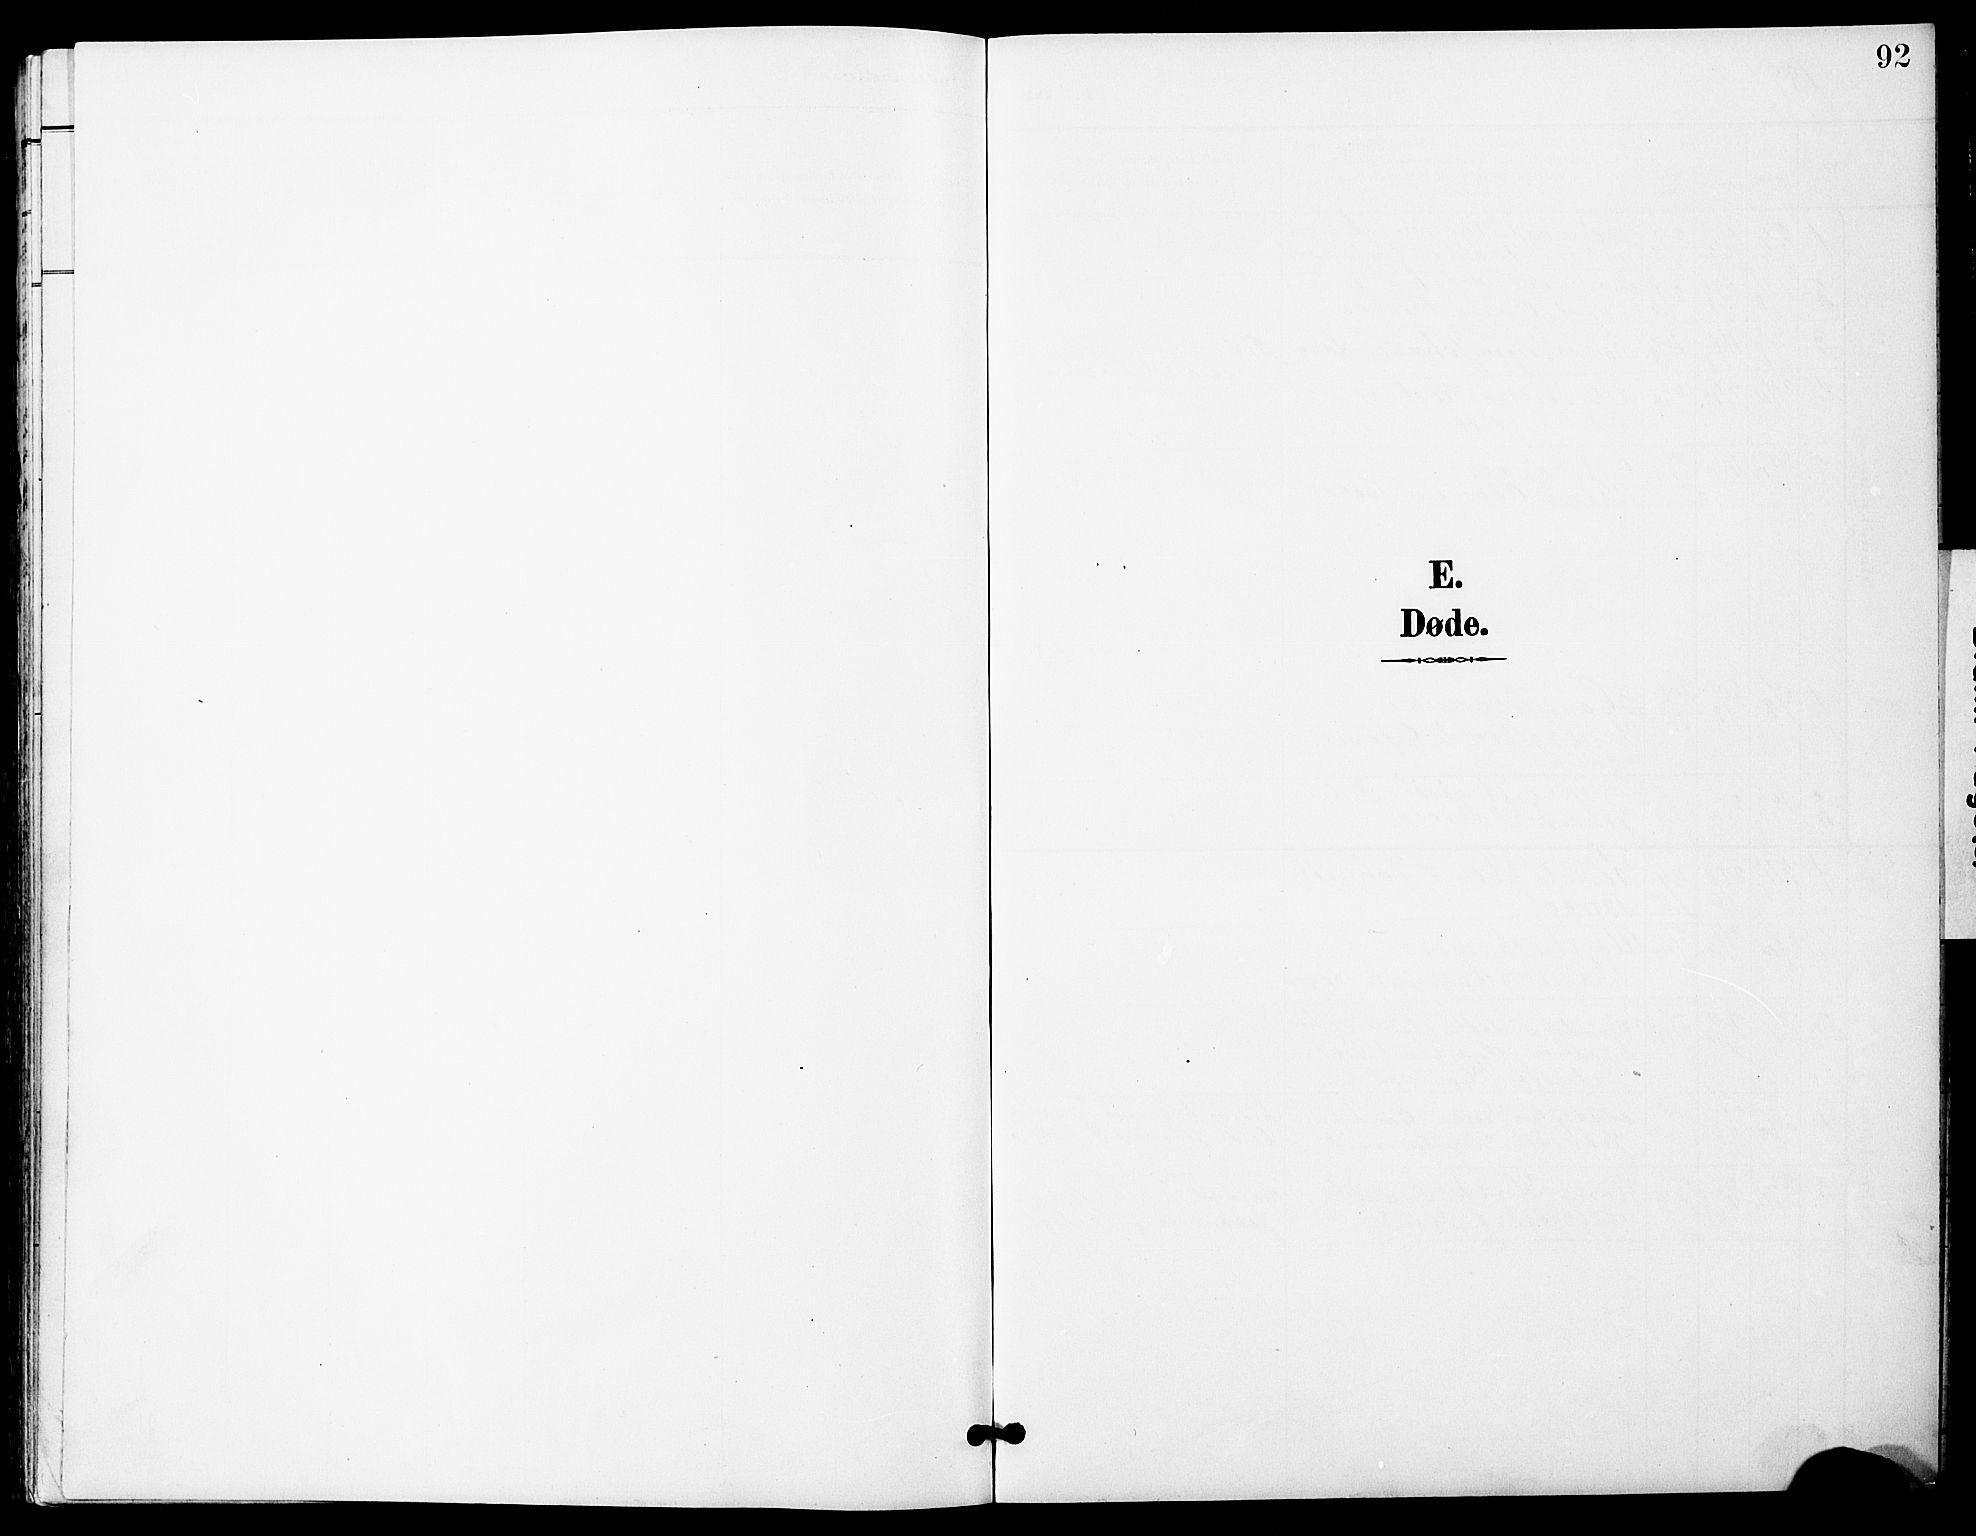 SAT, Ministerialprotokoller, klokkerbøker og fødselsregistre - Sør-Trøndelag, 683/L0950: Klokkerbok nr. 683C02, 1897-1918, s. 92